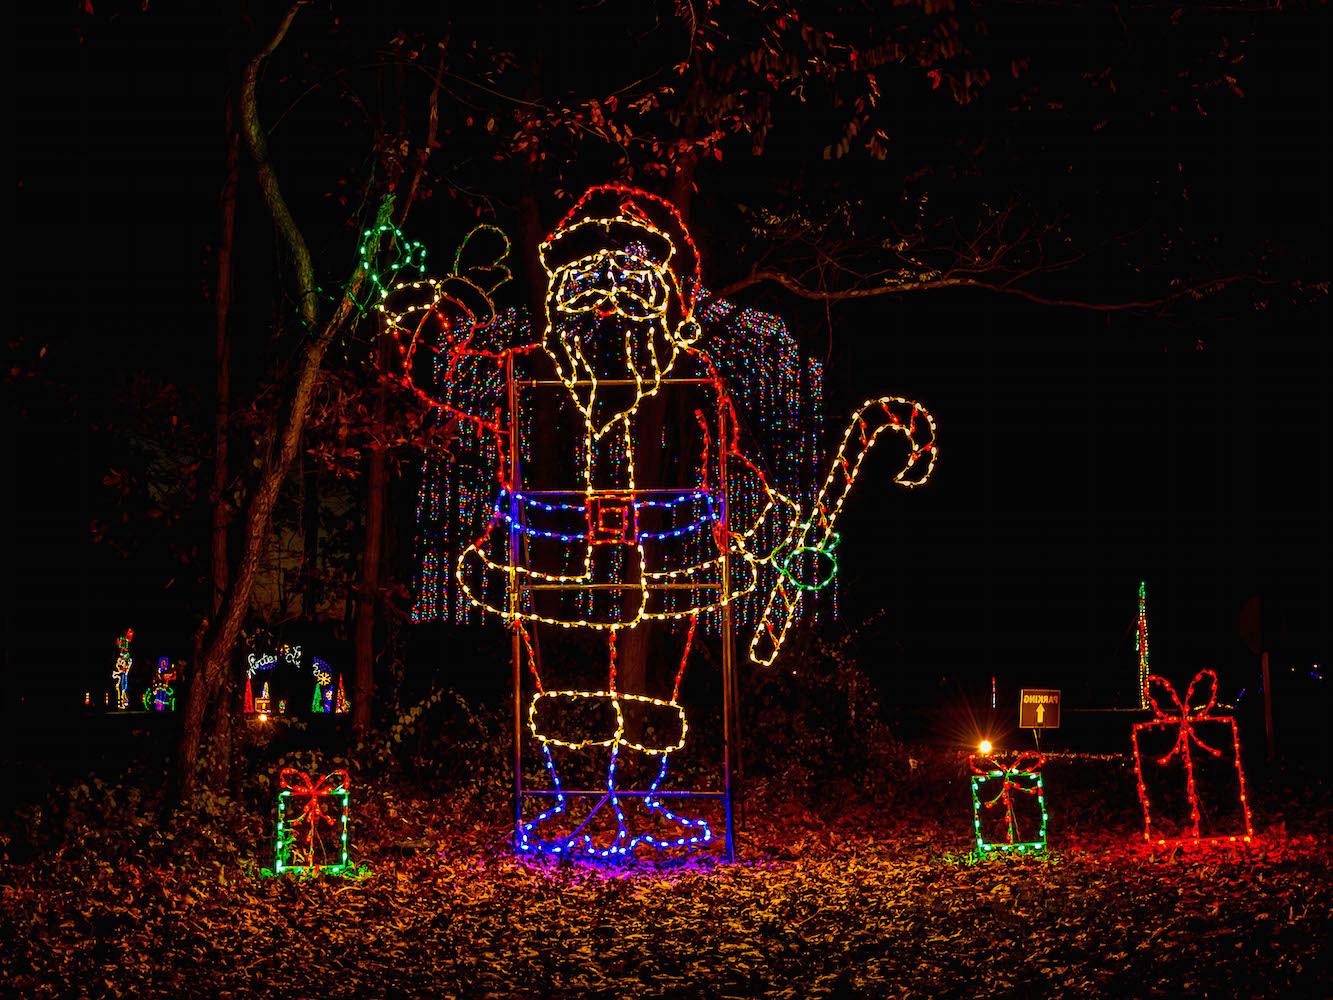 Winter Lights Festival in Gaithersburg.